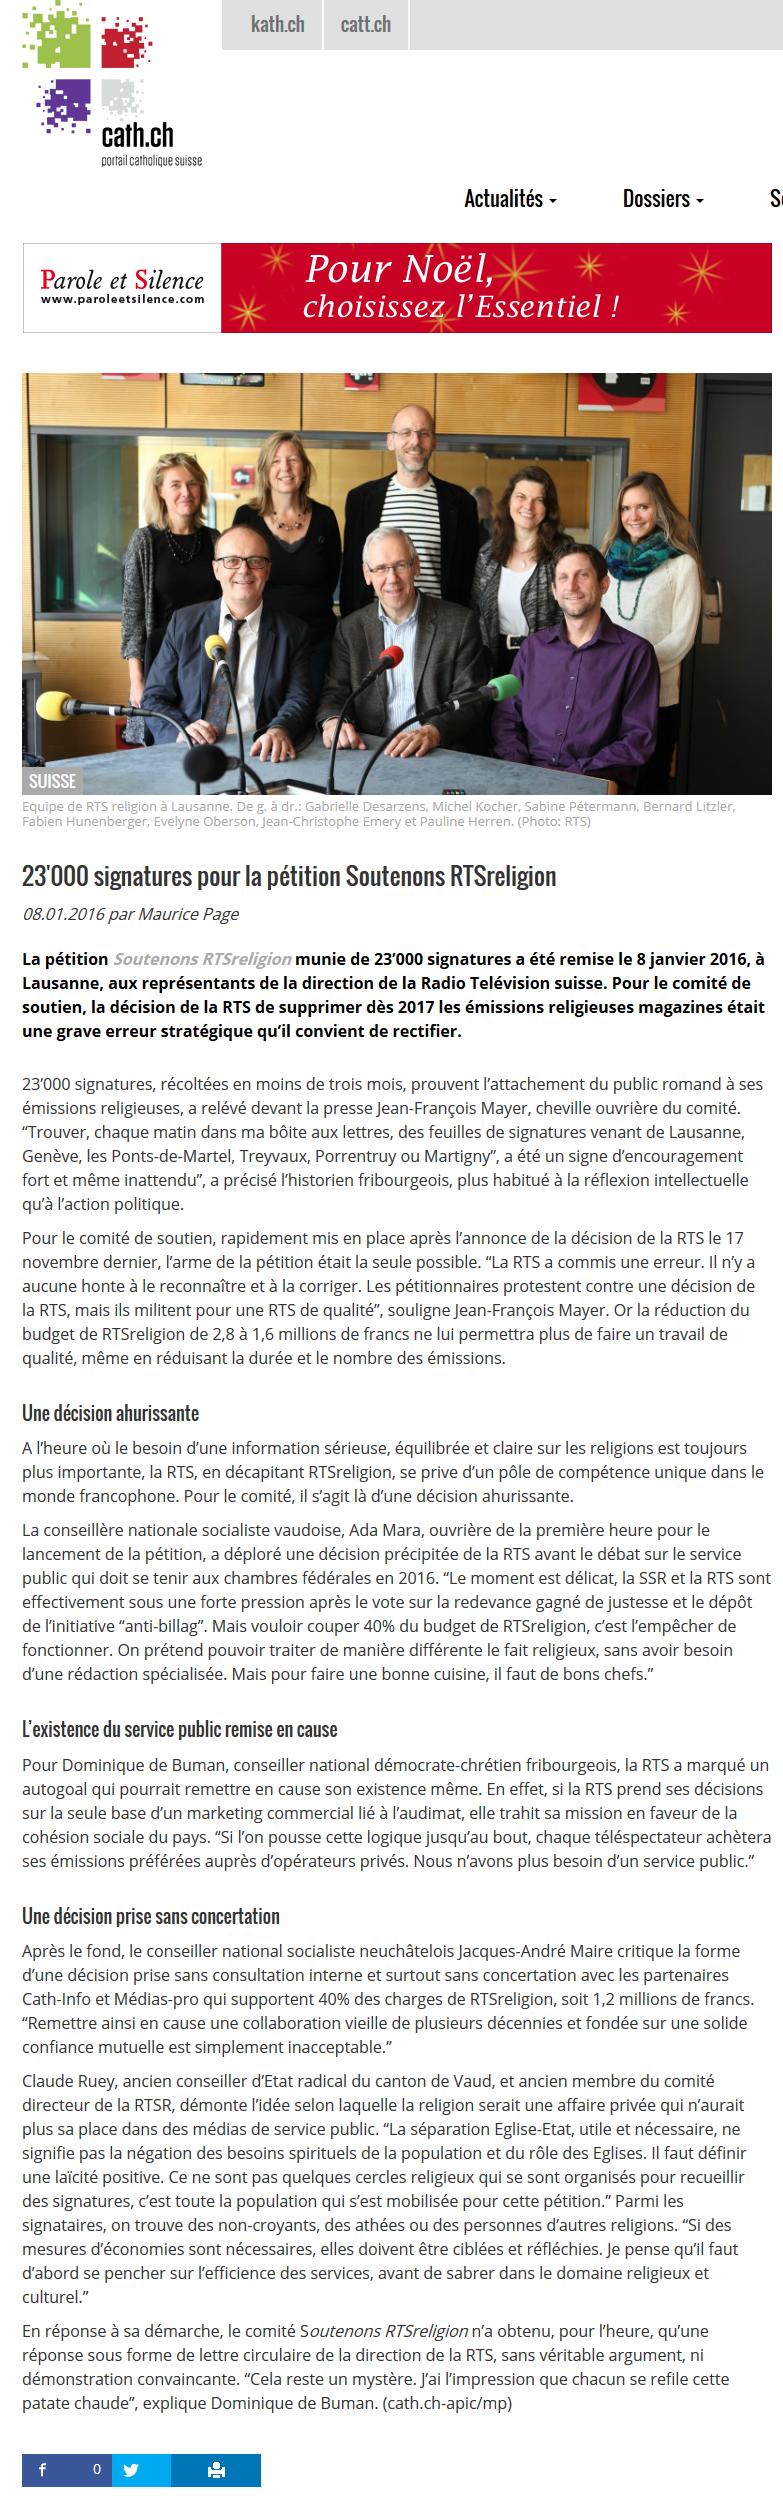 2016-01-08 23000 signatures pour la pétition Soutenons RTSreligion